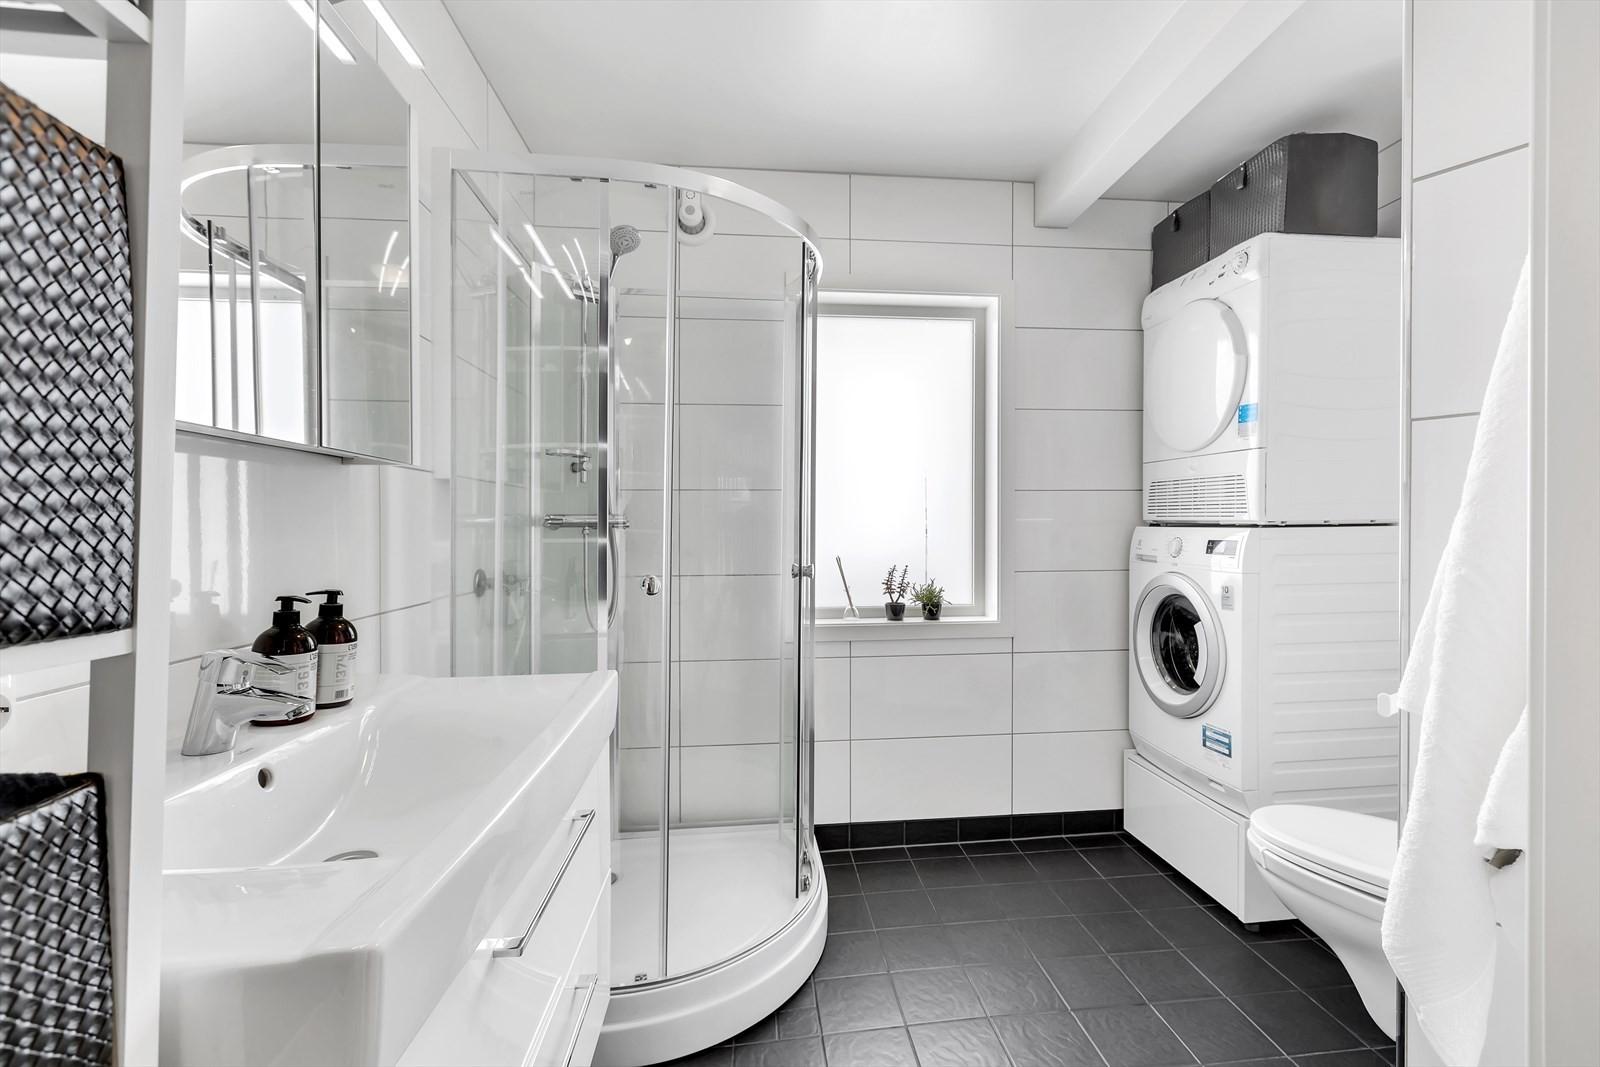 Flislagt bad (1.etasje) med dusjkabinett, og plass for vaskemaskin og tørketrommel